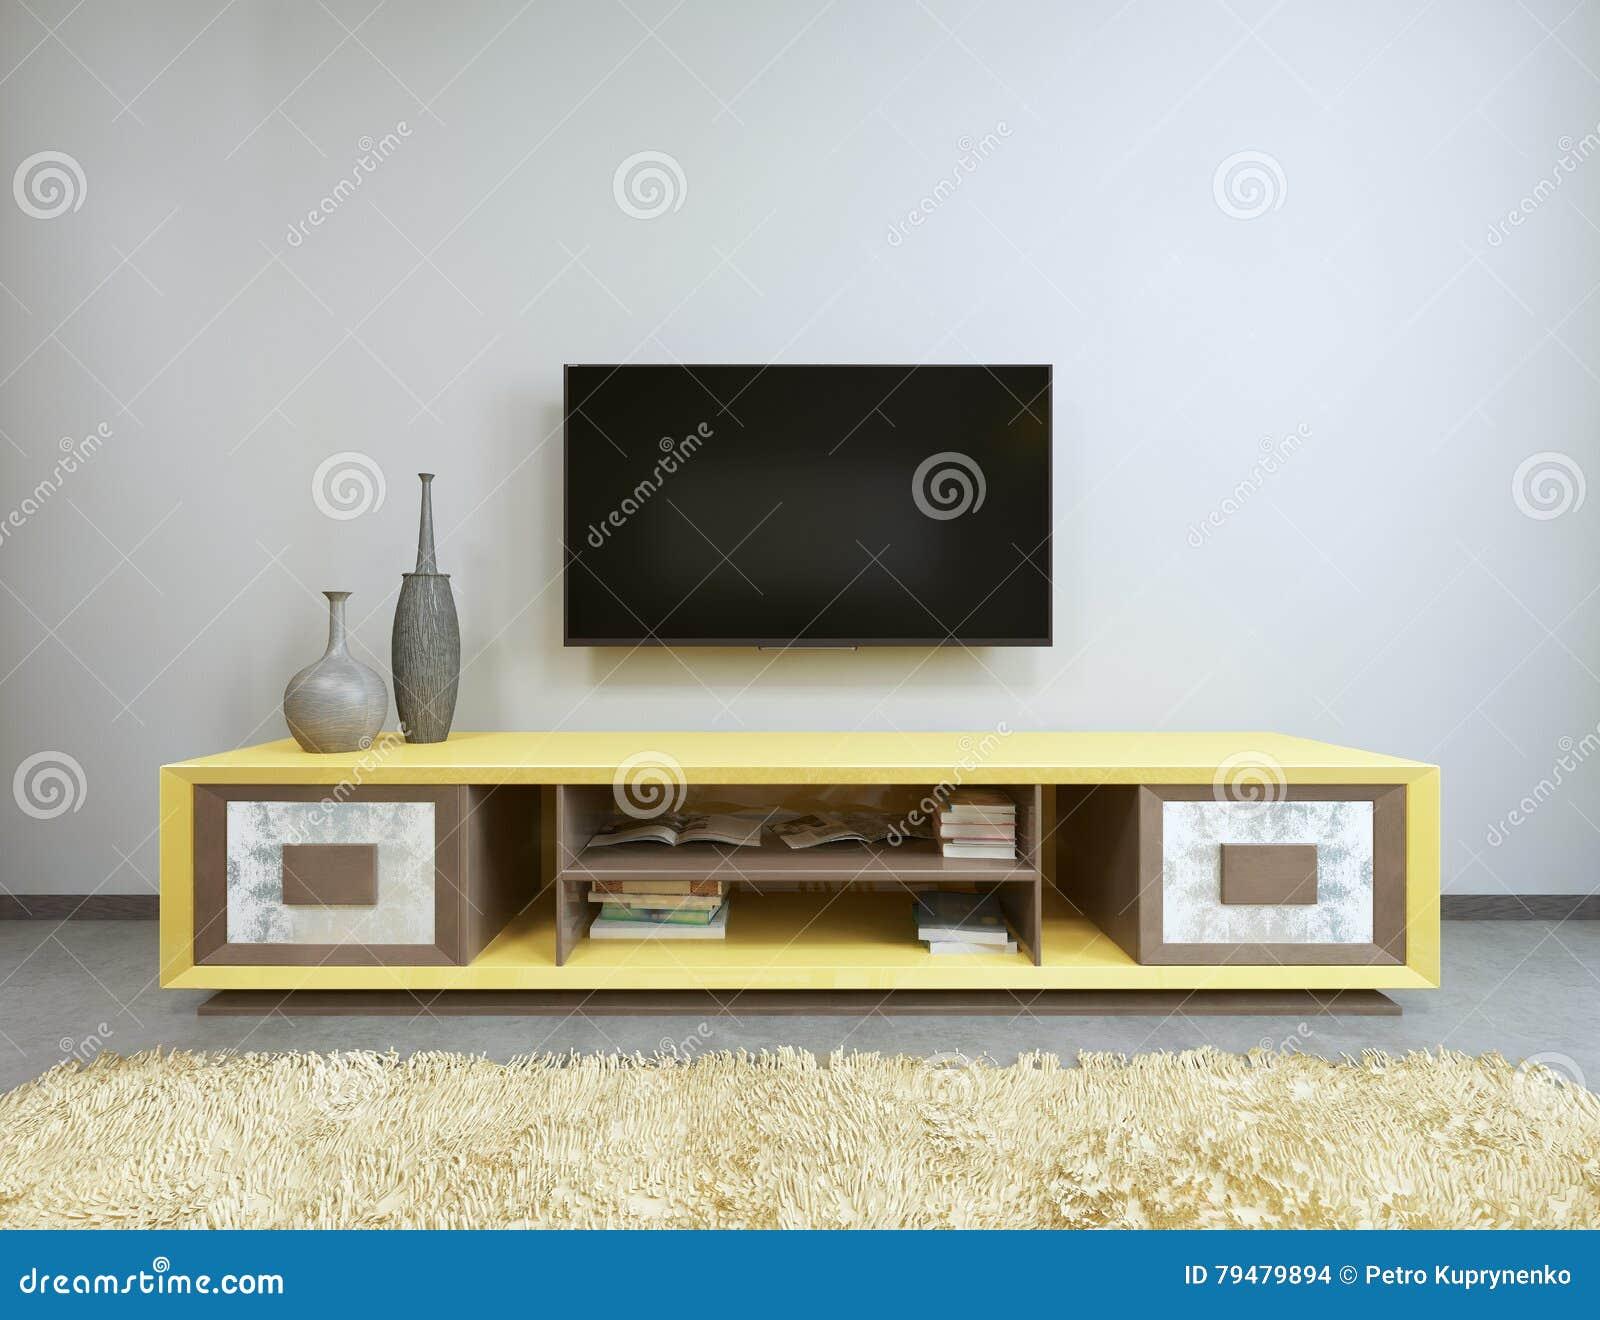 TV-eenheid In Woonkamer Met Gele TV Op De Muur Stock Illustratie ...